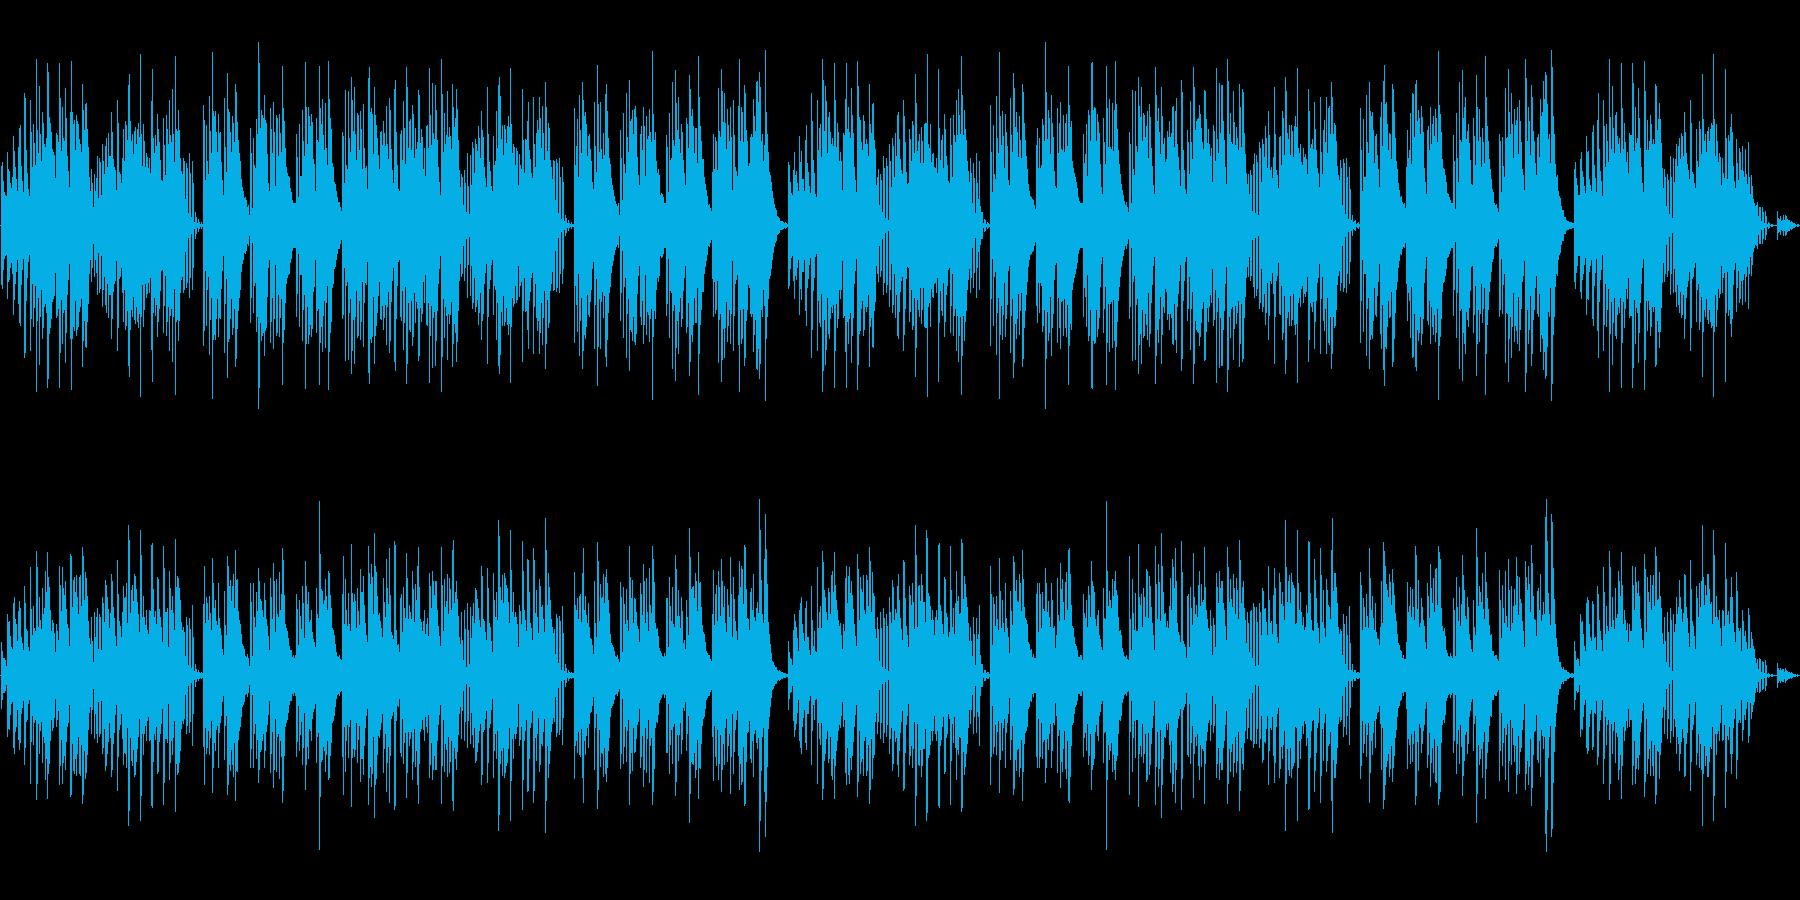 キュートでほのぼのした楽曲B:編集1の再生済みの波形